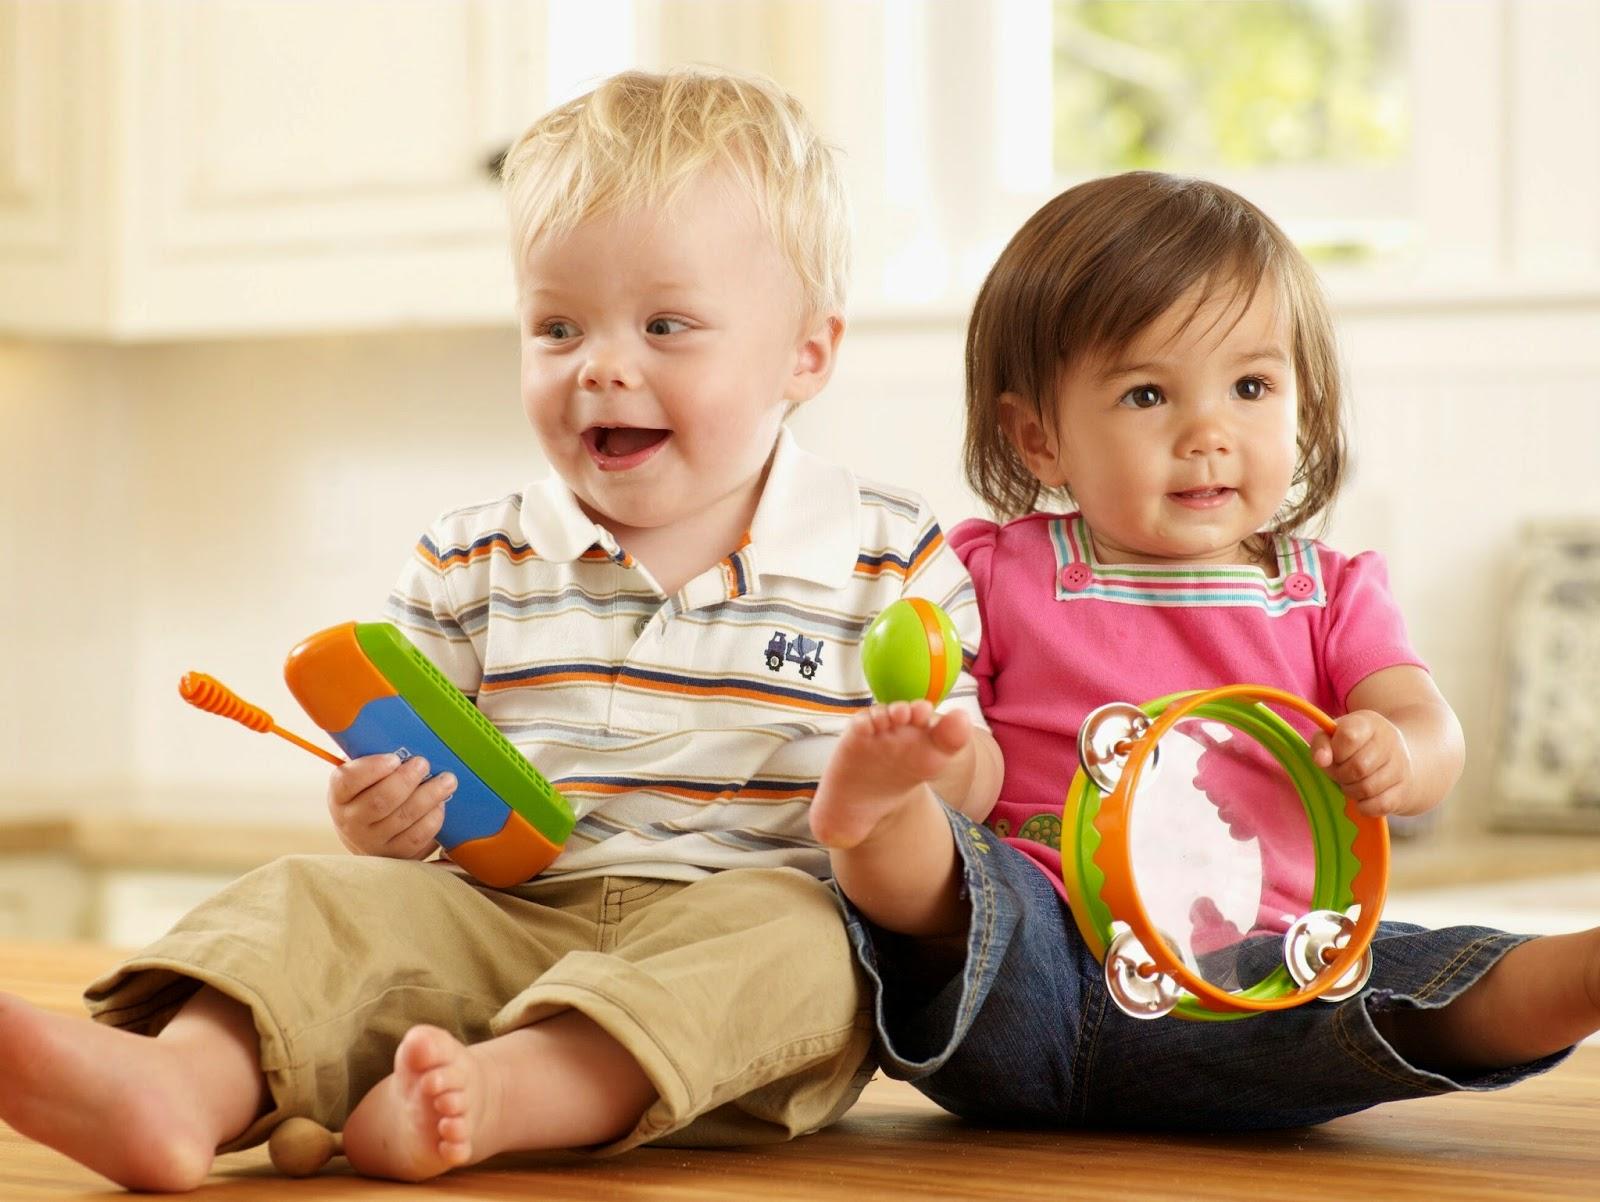 Картинки с детьми малышами